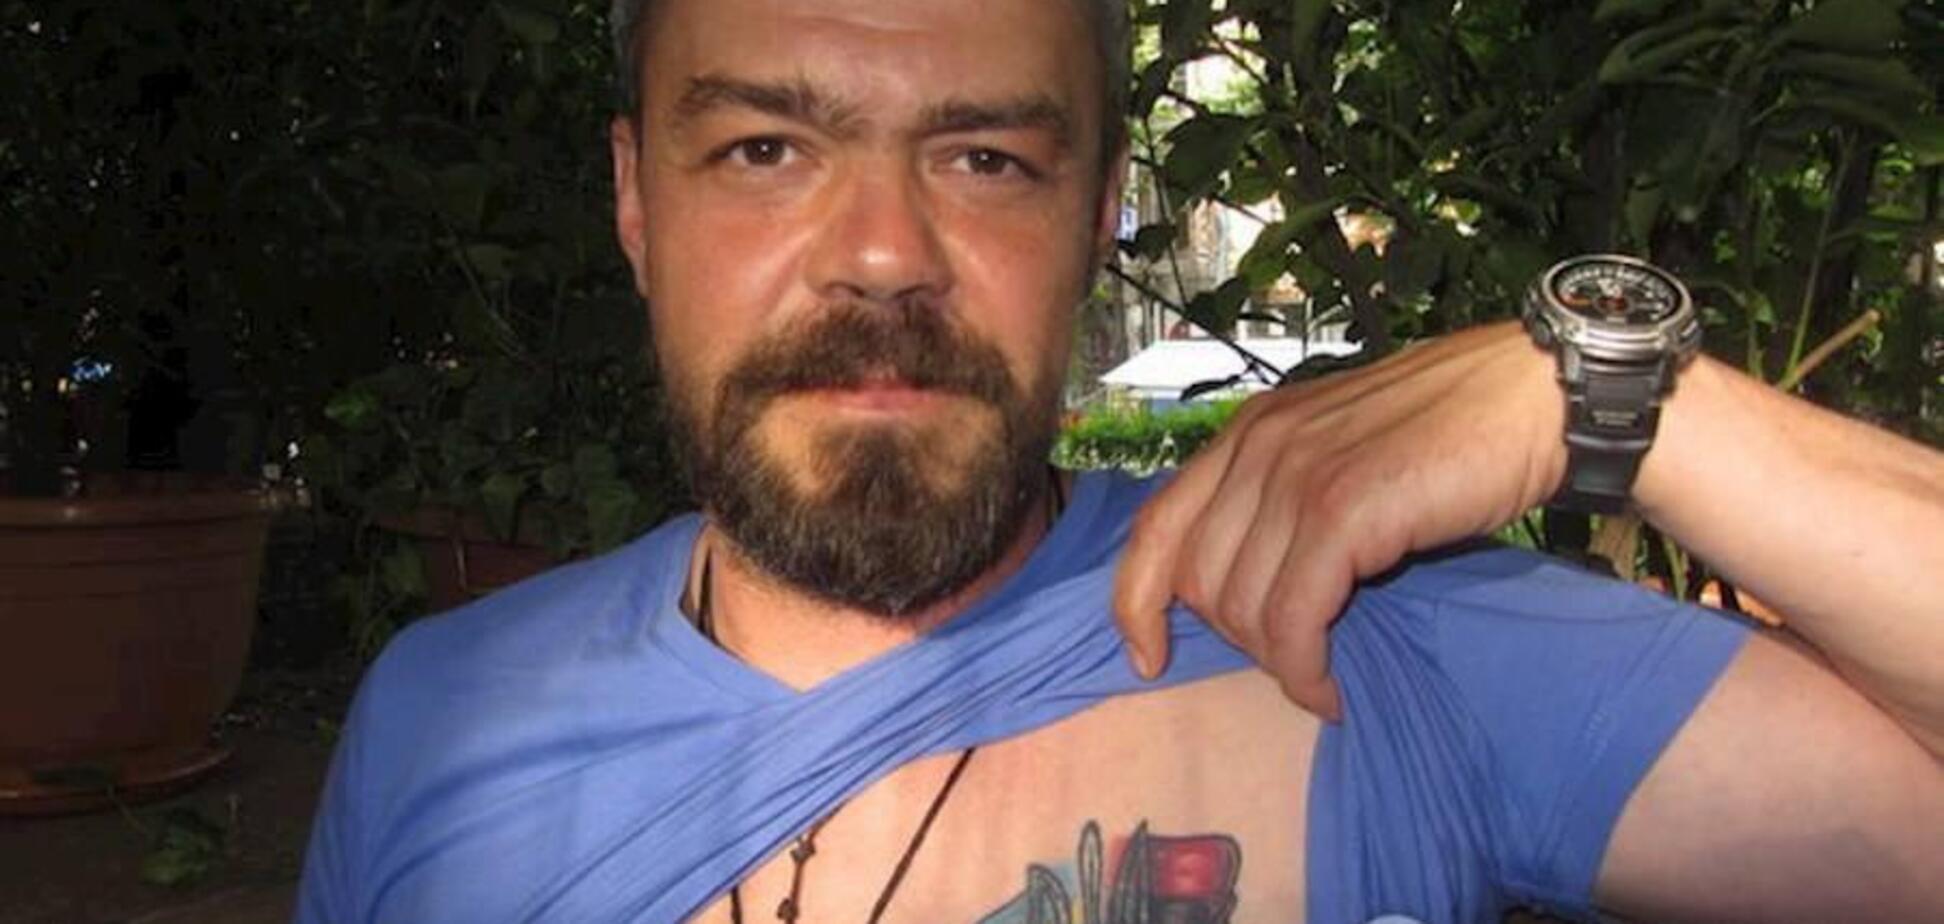 'Кілера впізнали і навіть стріляли по його машині': інтерв'ю з другом убитого на Запоріжжі АТОвця